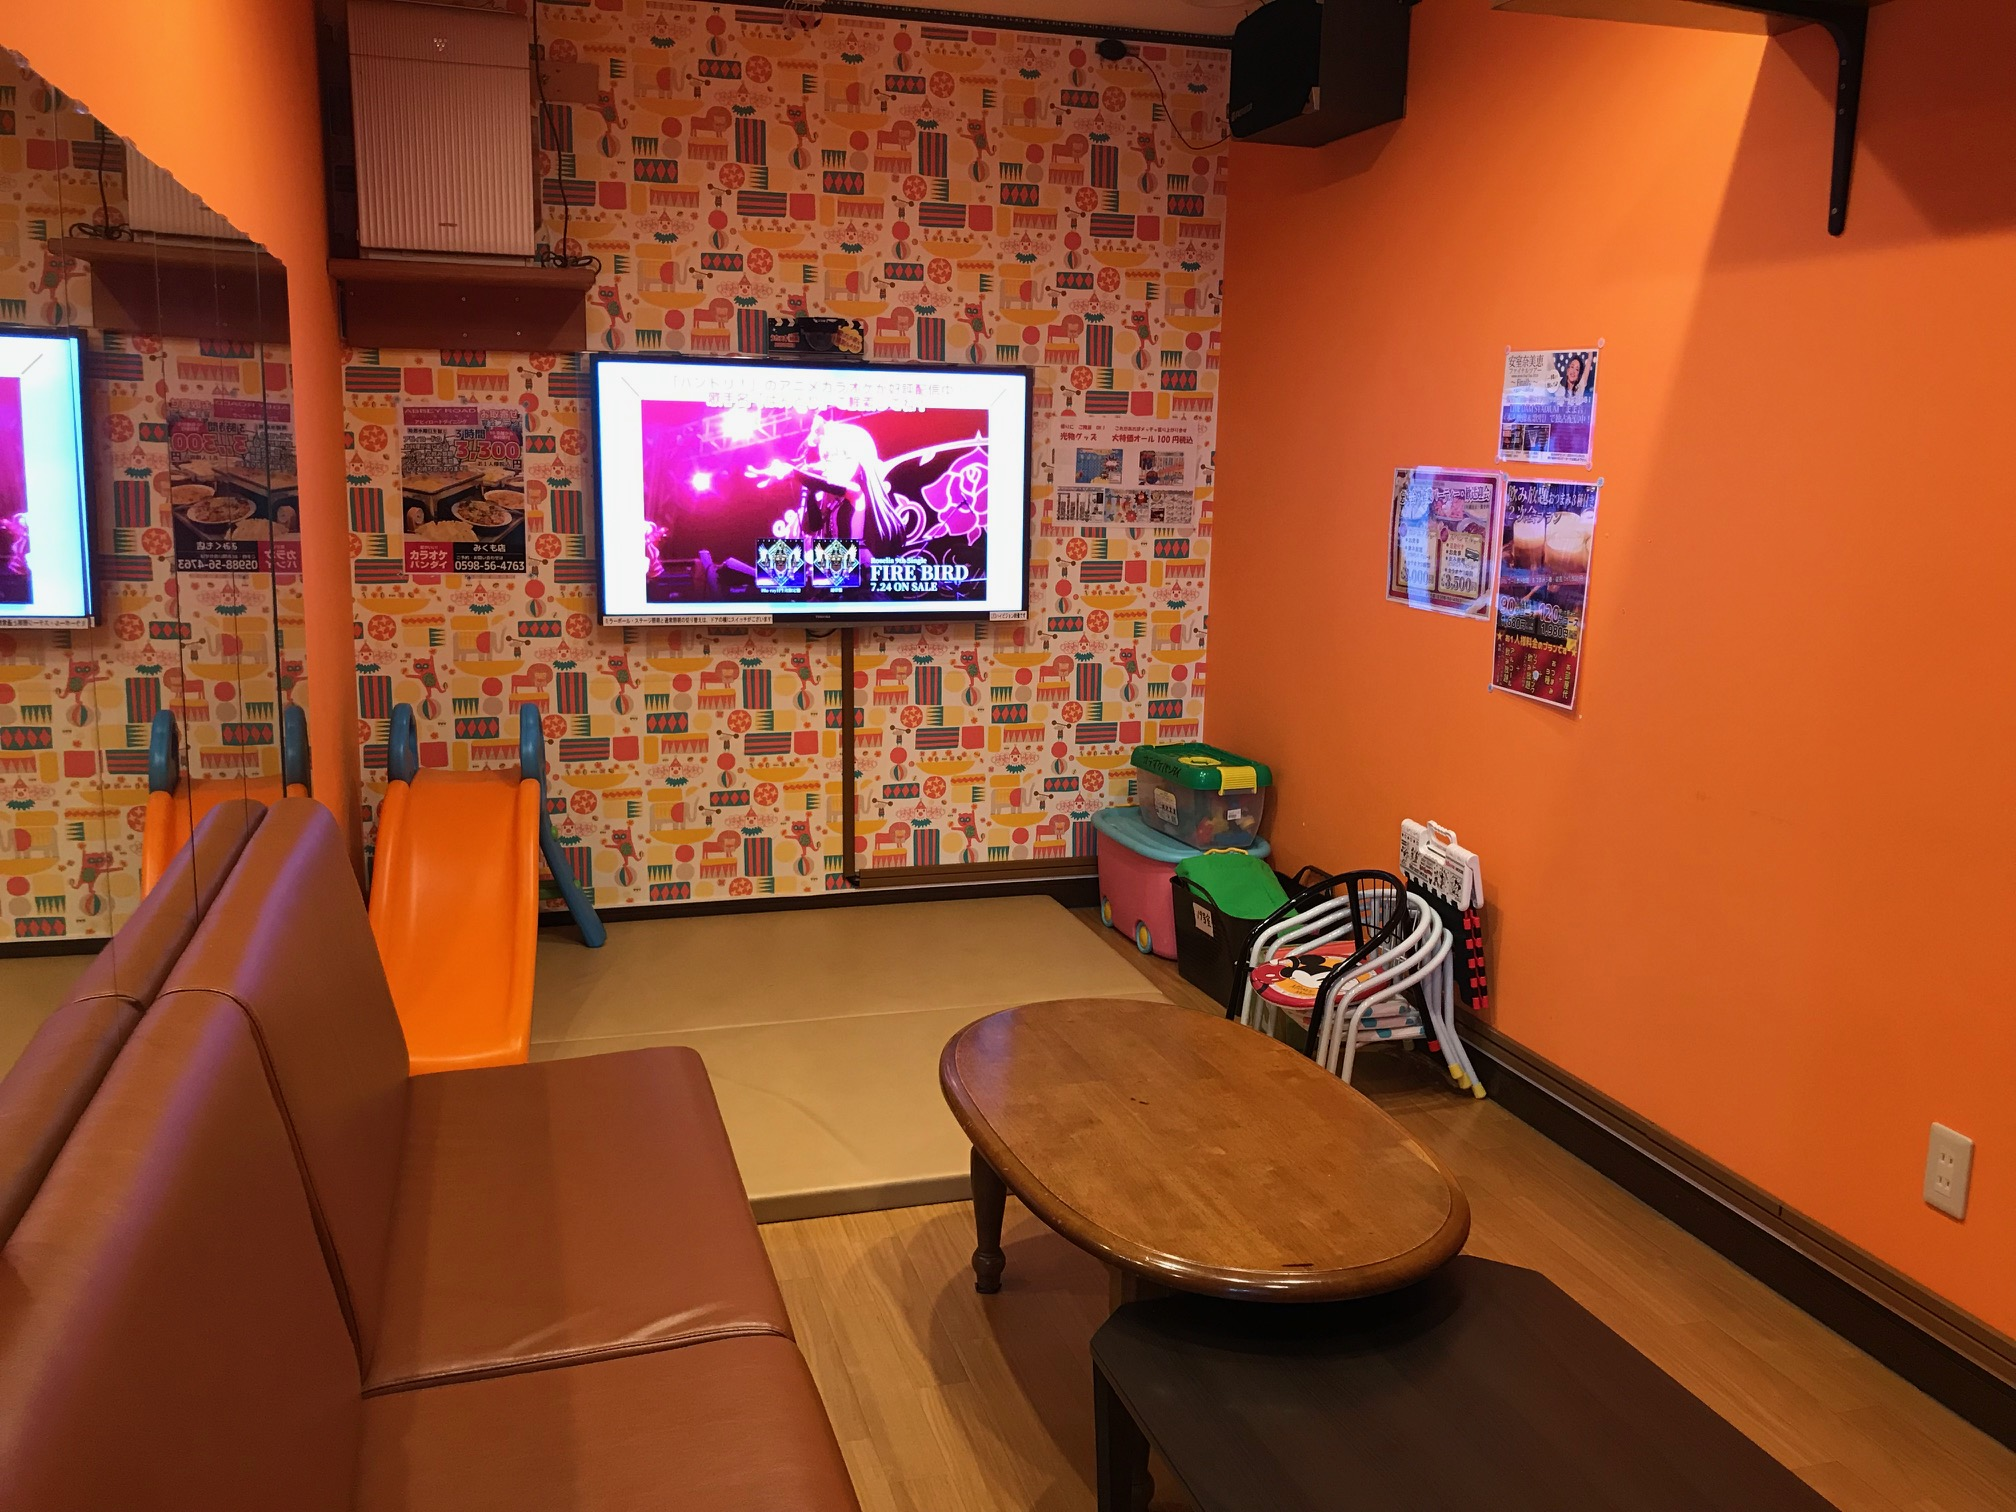 キッズルーム完備(19号室)その他宴会ルームにキッズコーナーの設置も可能です